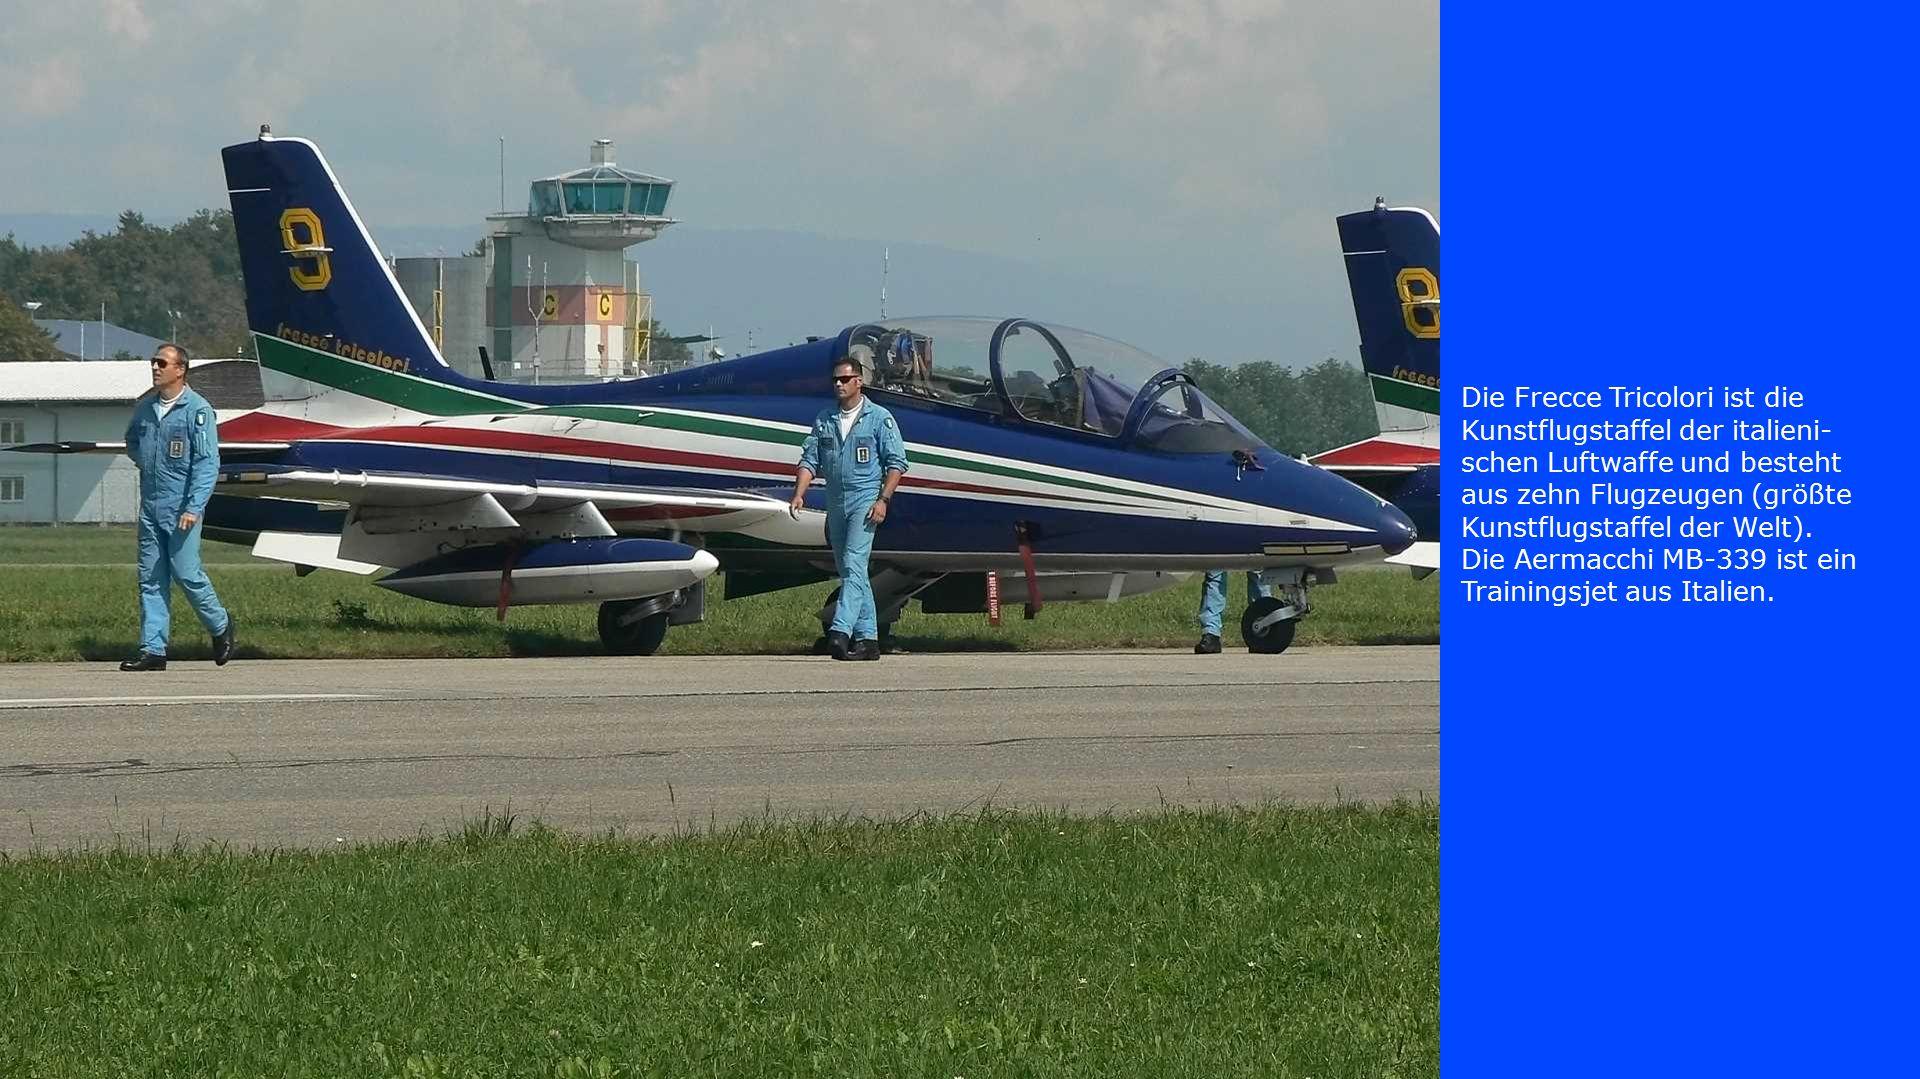 Die Frecce Tricolori ist die Kunstflugstaffel der italieni- schen Luftwaffe und besteht aus zehn Flugzeugen (größte Kunstflugstaffel der Welt).